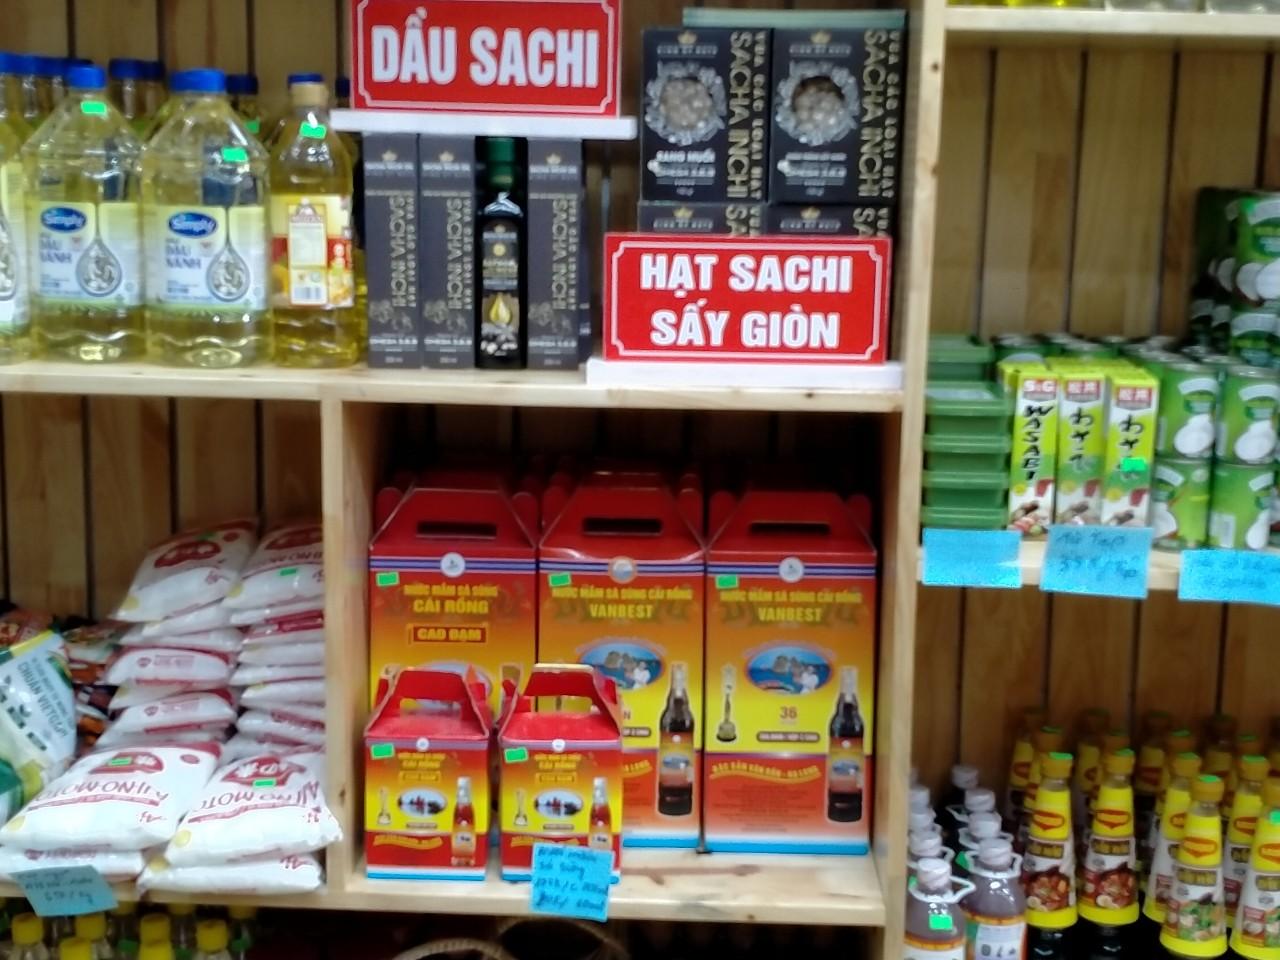 Sản phẩm SACHI - Trung tâm thuộc Hiệp hội